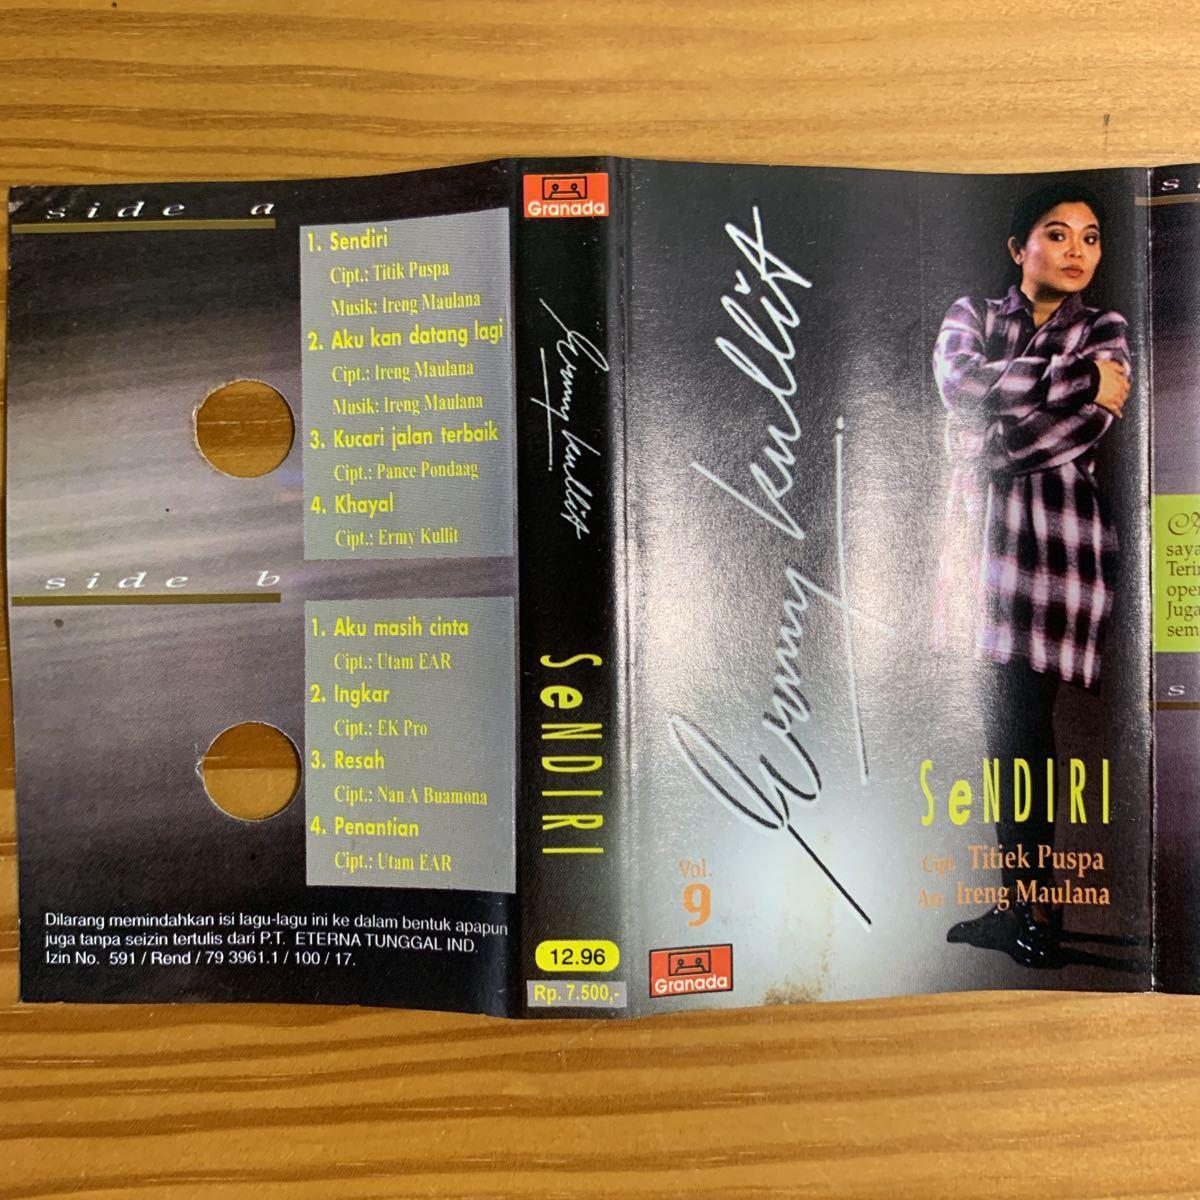 Ermy Kullit「Sendri」カセットテープ Indonesia Urban Pops / Titiek Puspa + Ireng Maulana 参加 80's 90's RARE!!_画像3